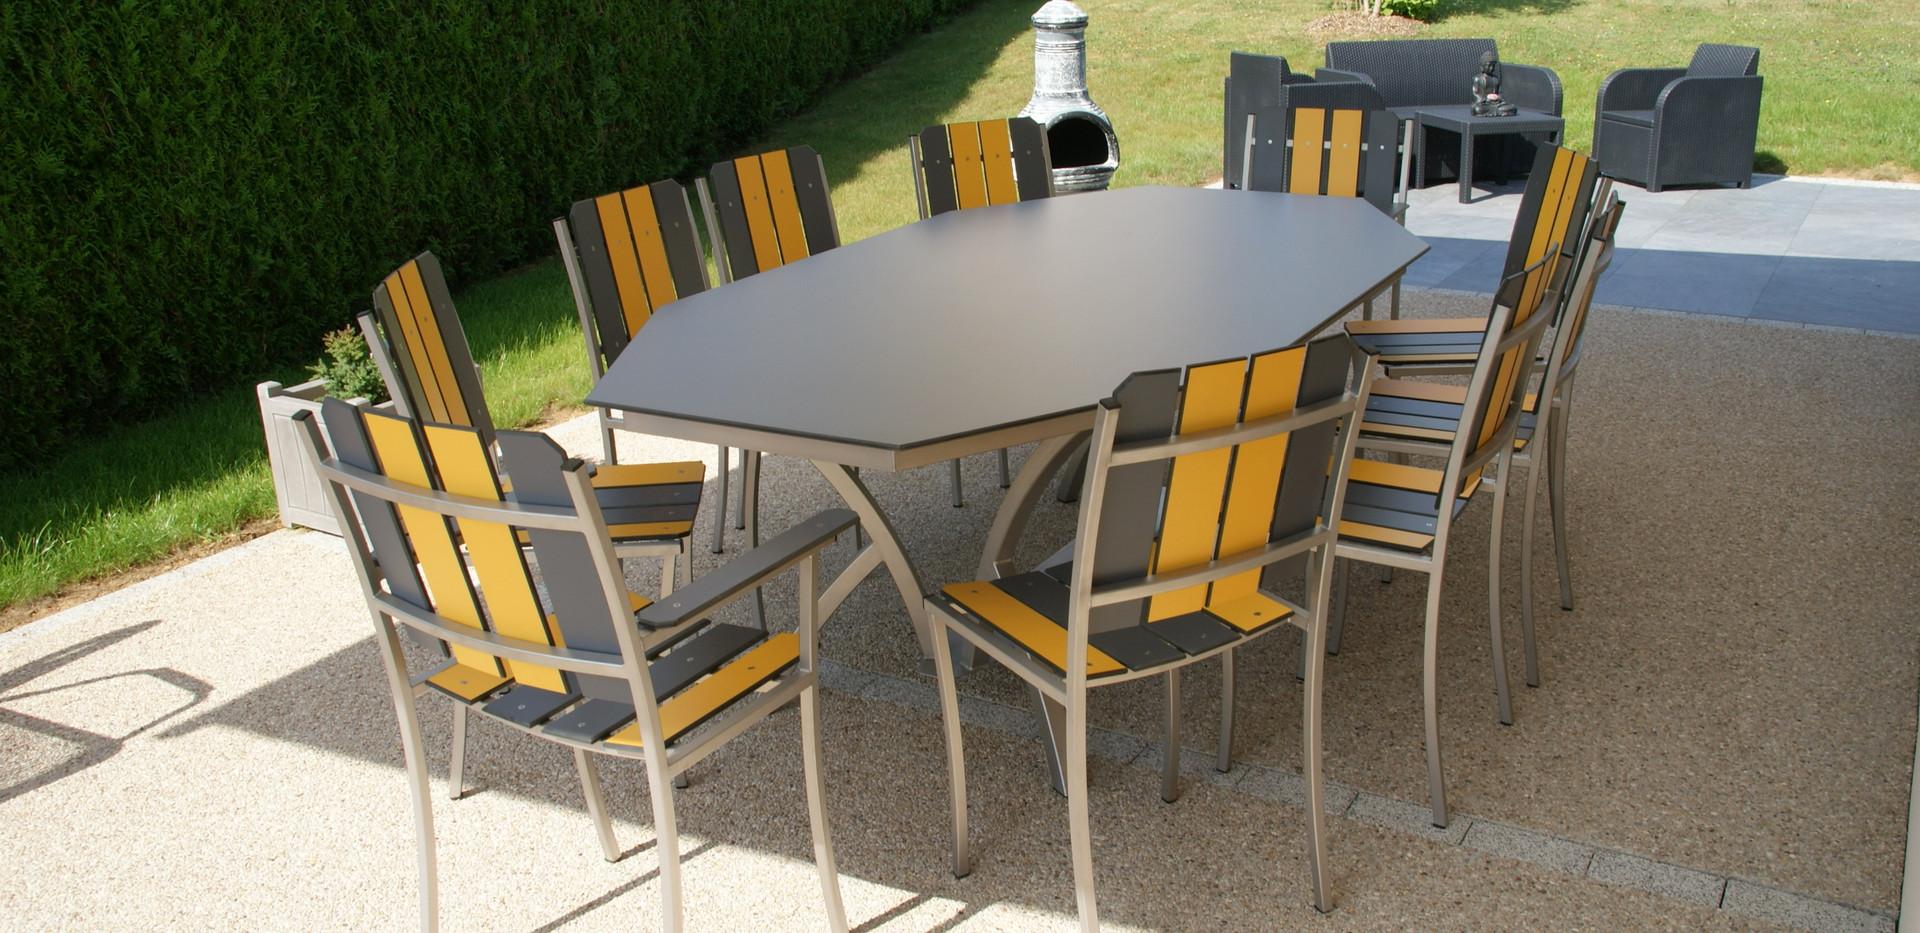 Table octogonale pieds cintrés inox